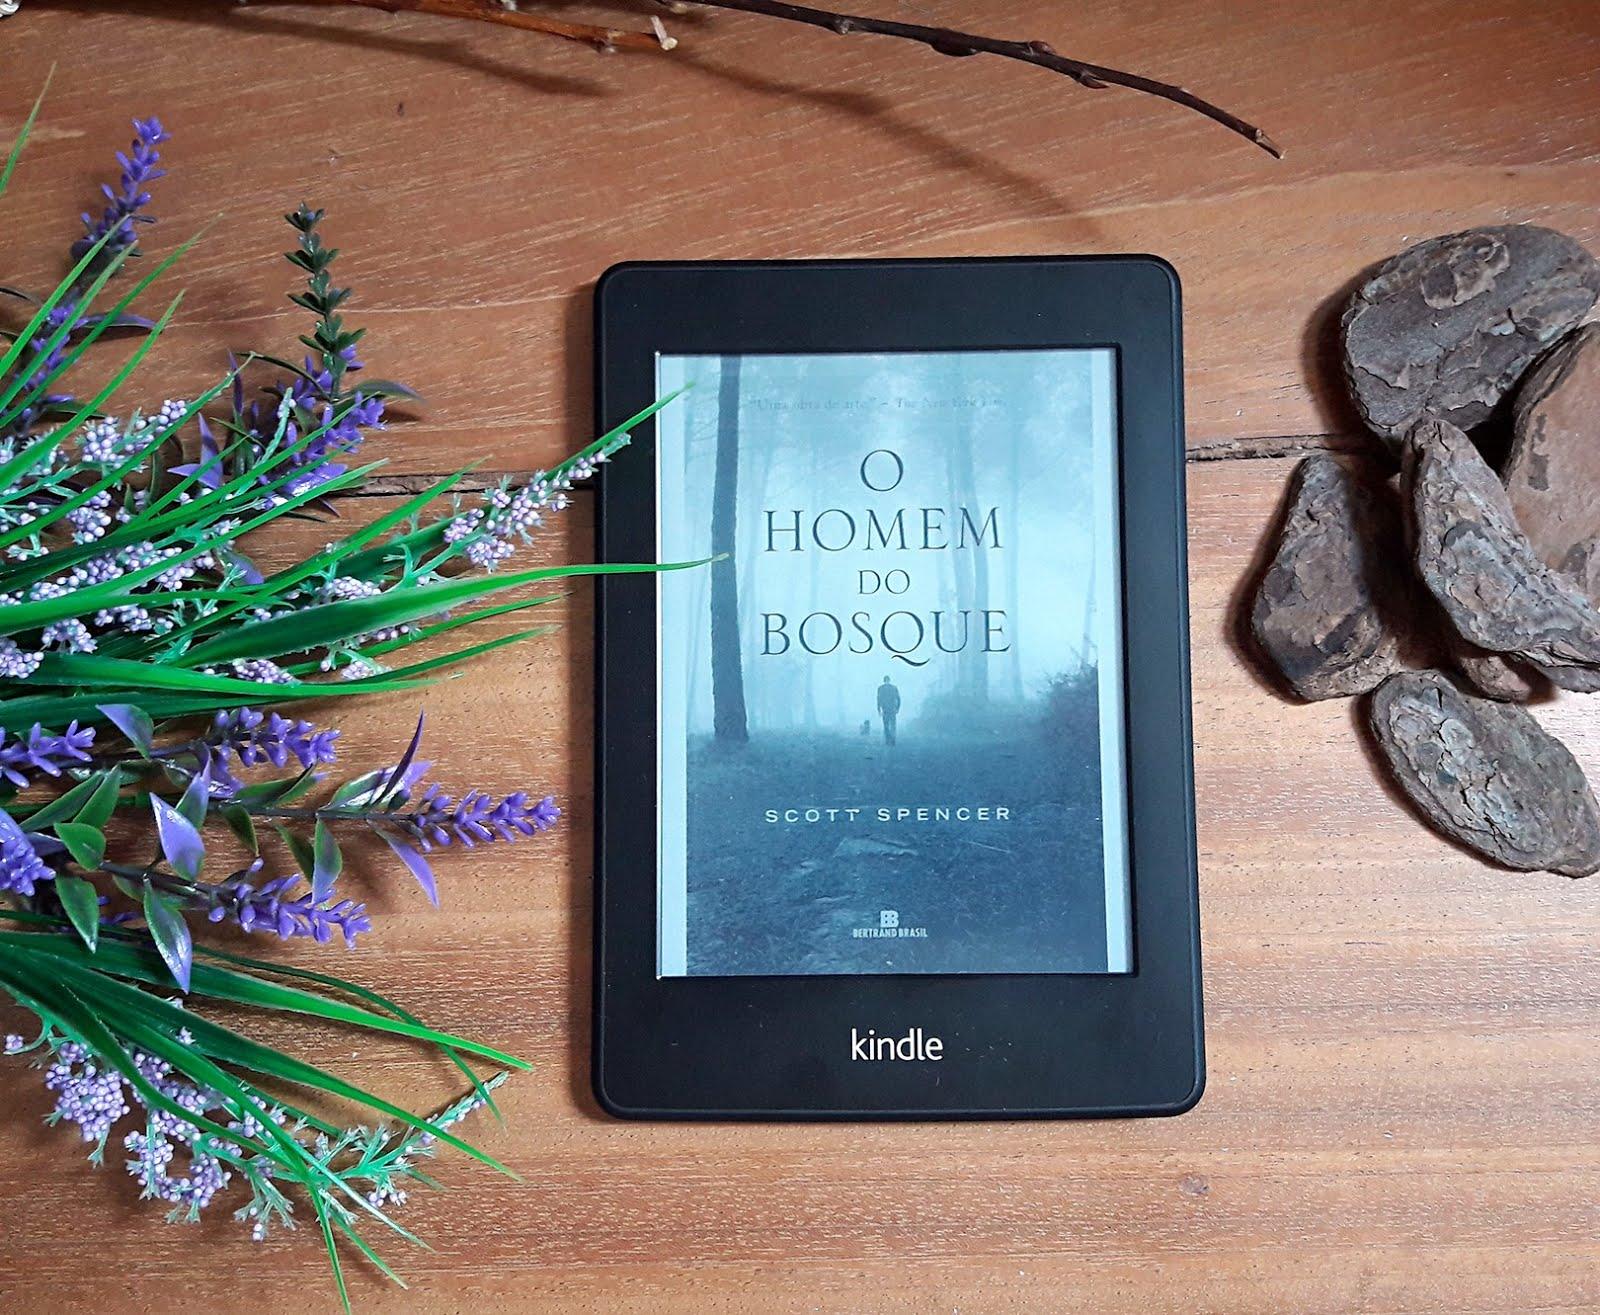 Foto do kindle com o ebook O Homem do Bosque